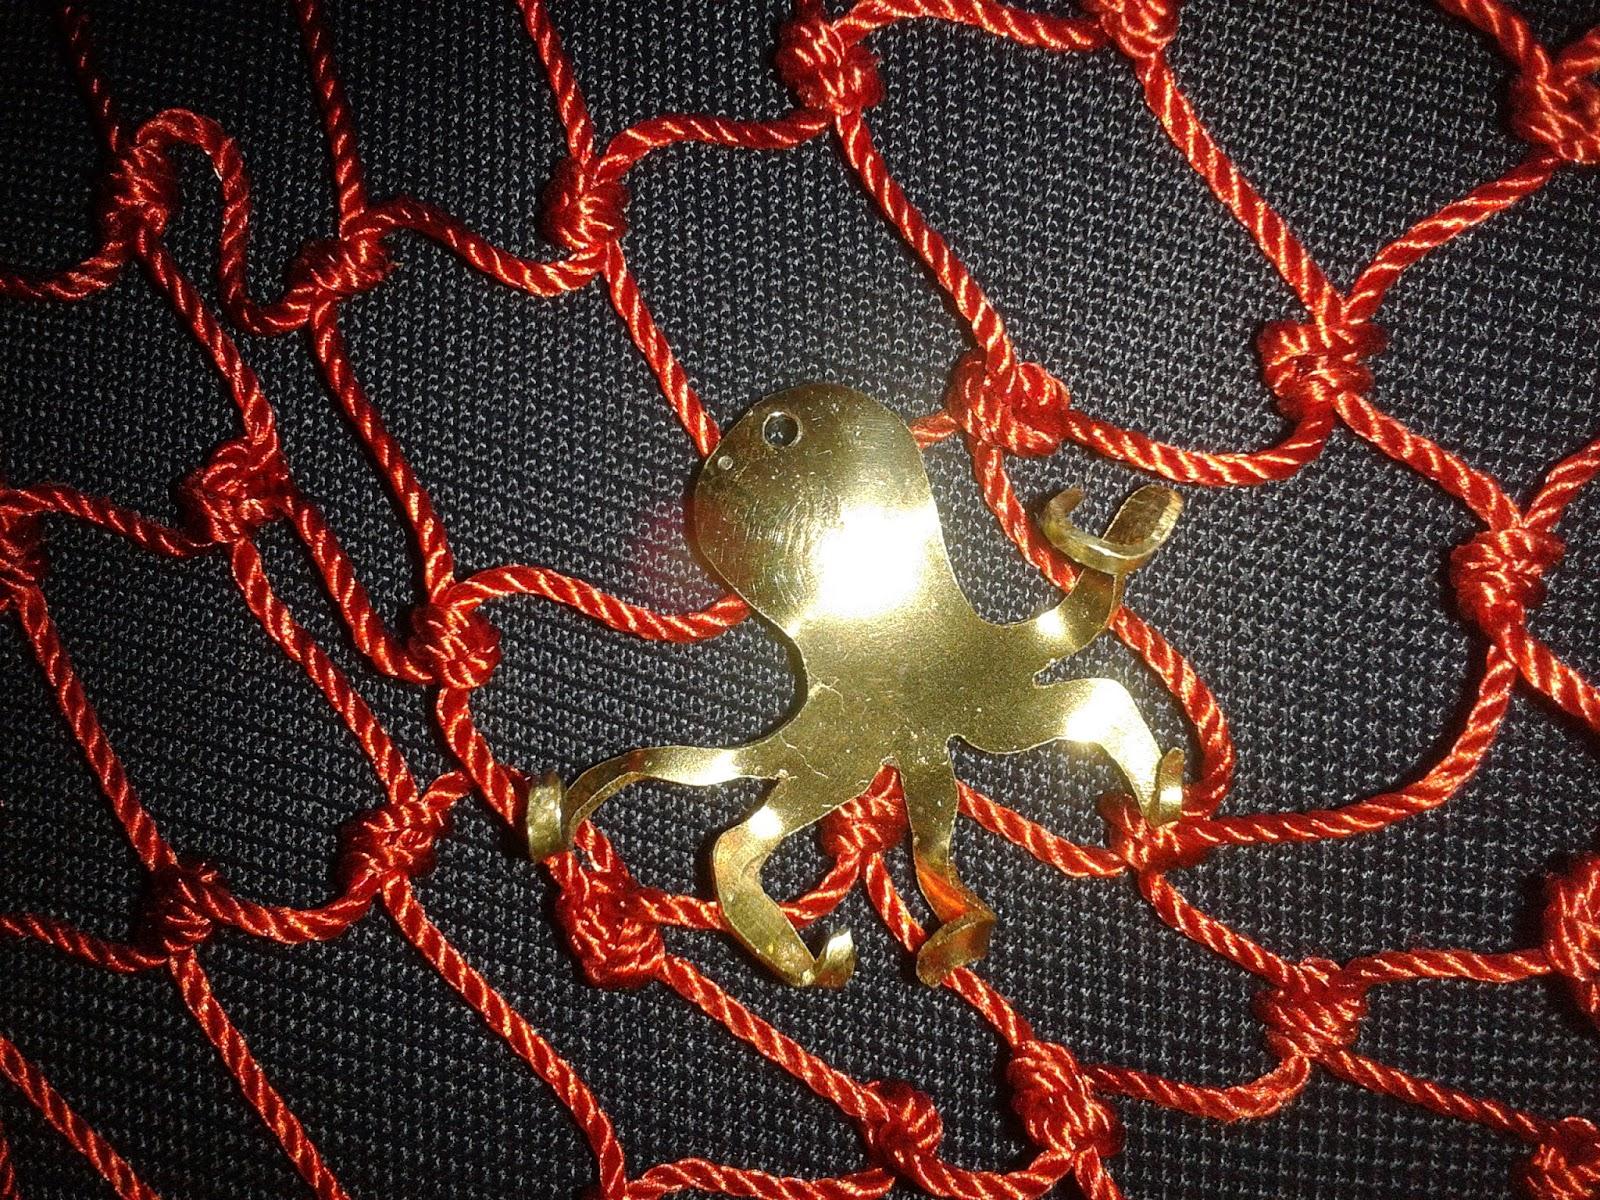 Mf artcreator balad el fil collana rete da pesca for Rete da pesca arredamento